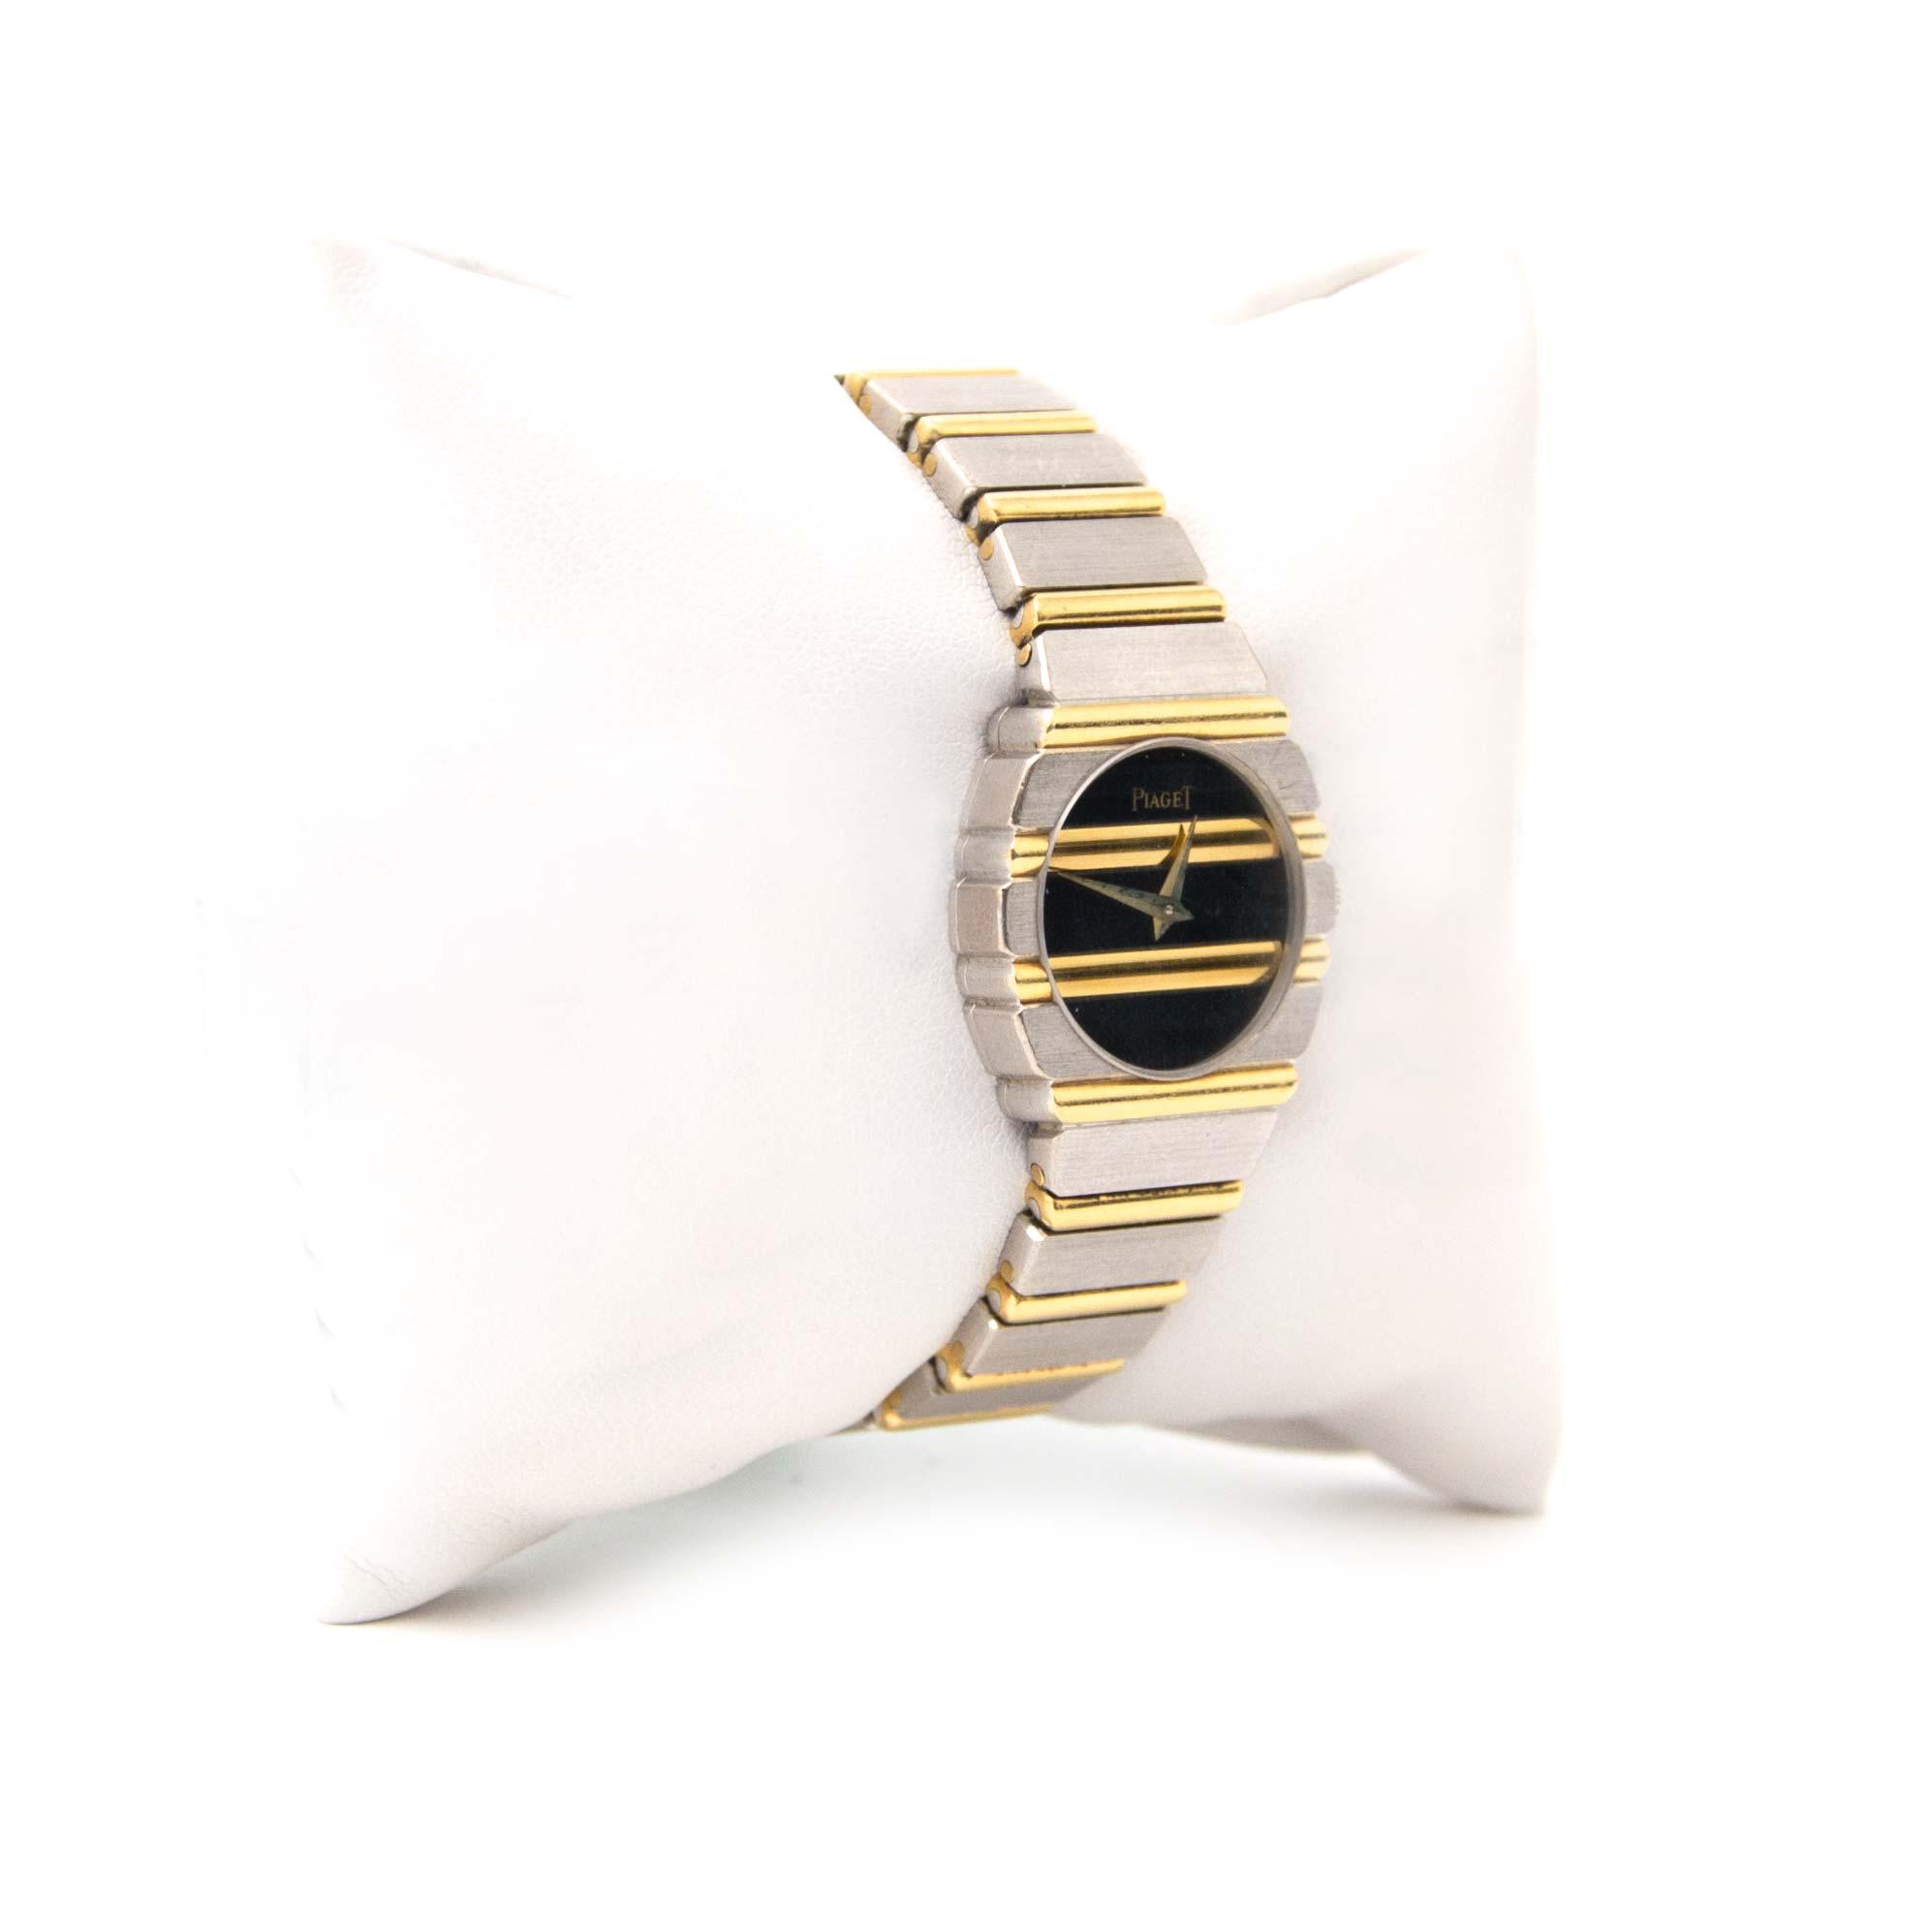 acheter en ligne chez labellov.com pour le meilleur prix piaget horloge 18k d'or